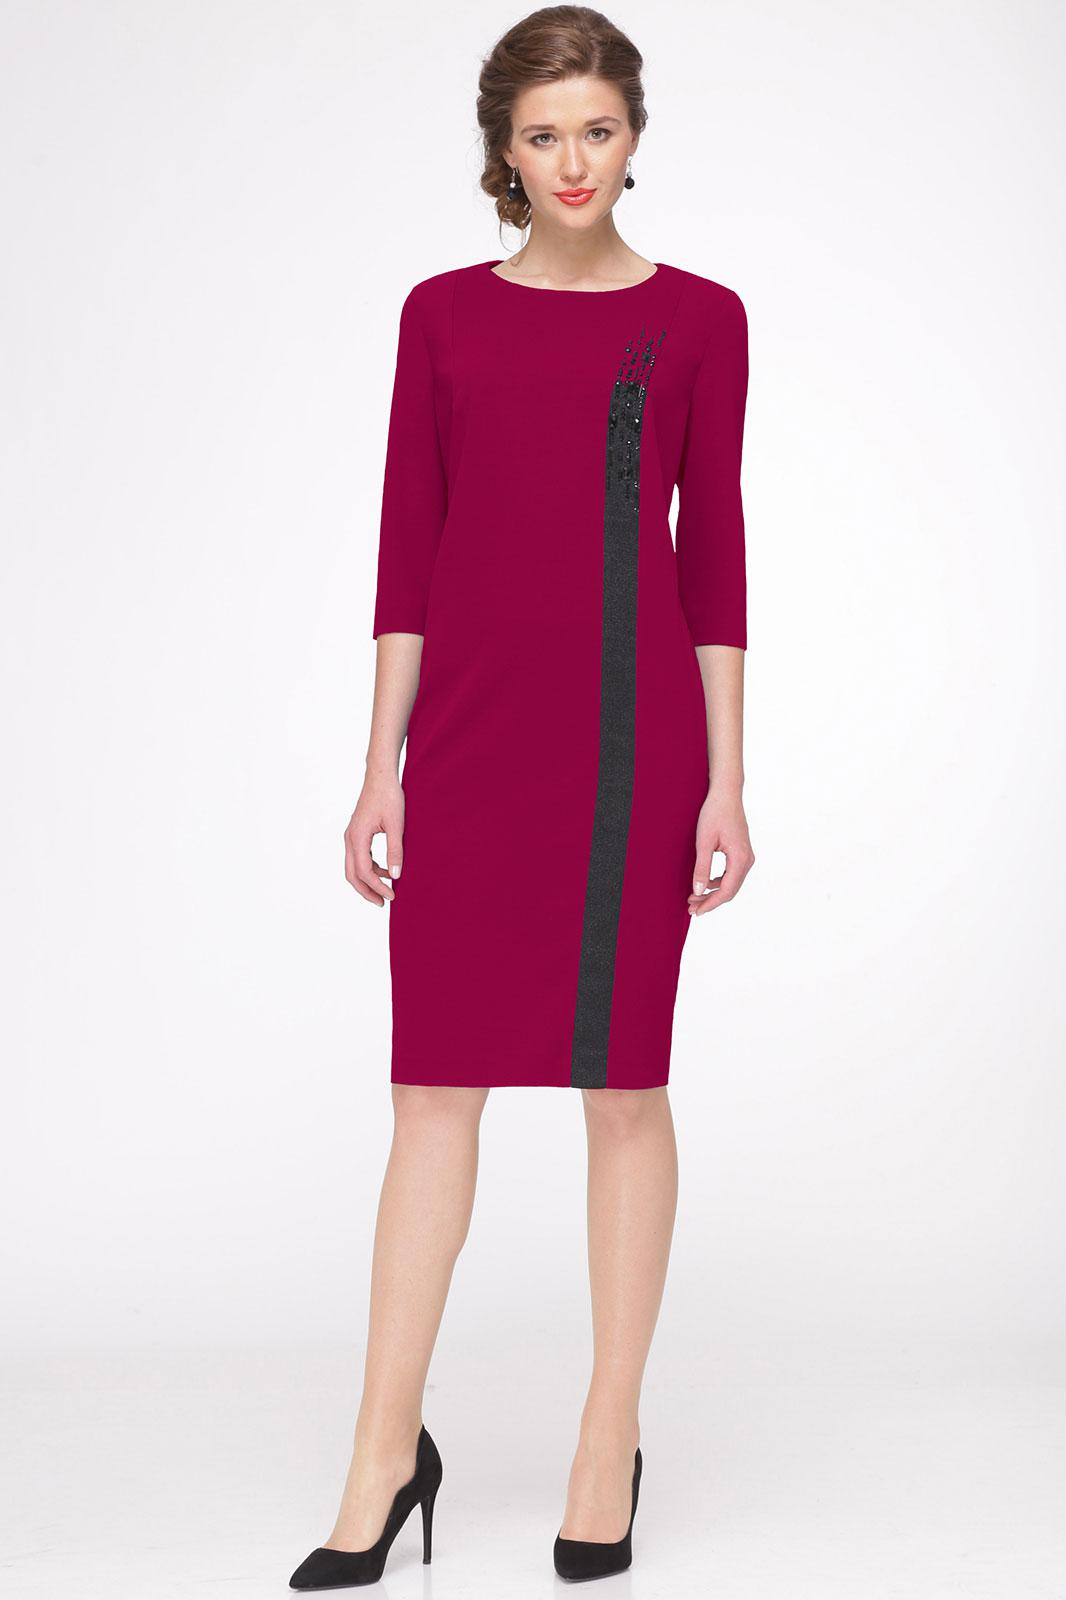 Платье Faufilure 438С бордо - фото 1